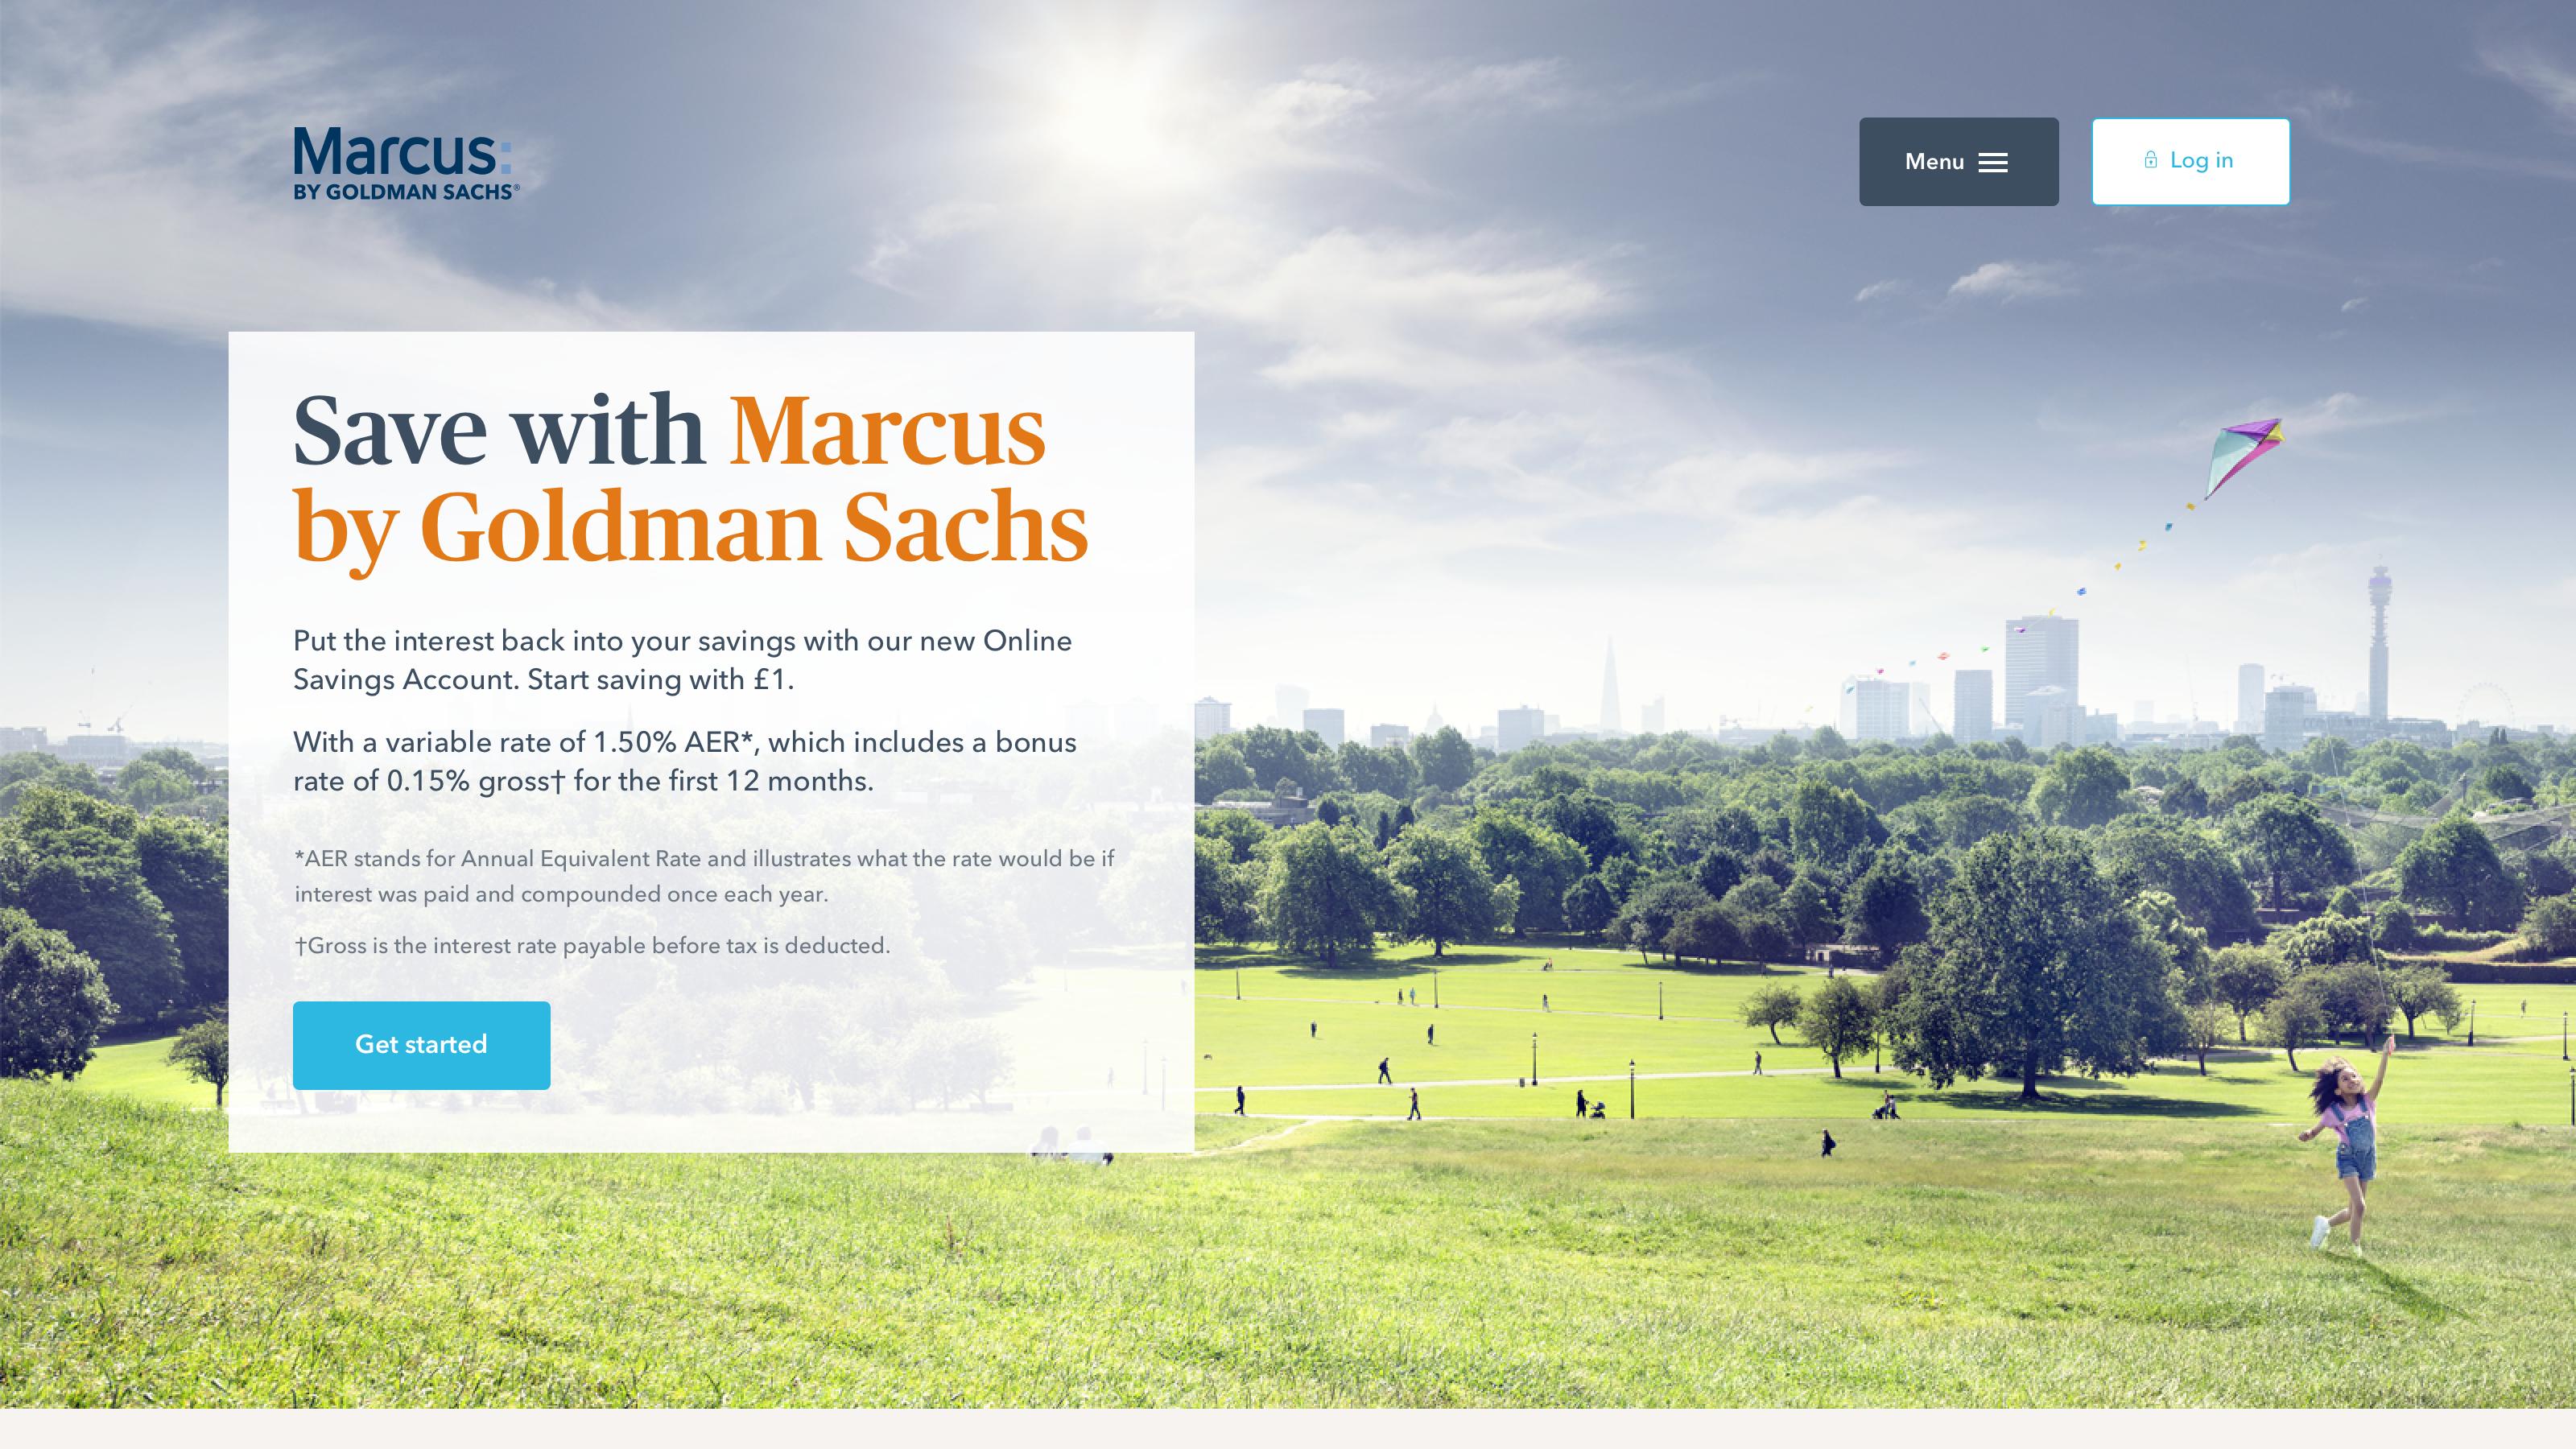 marcus online savings